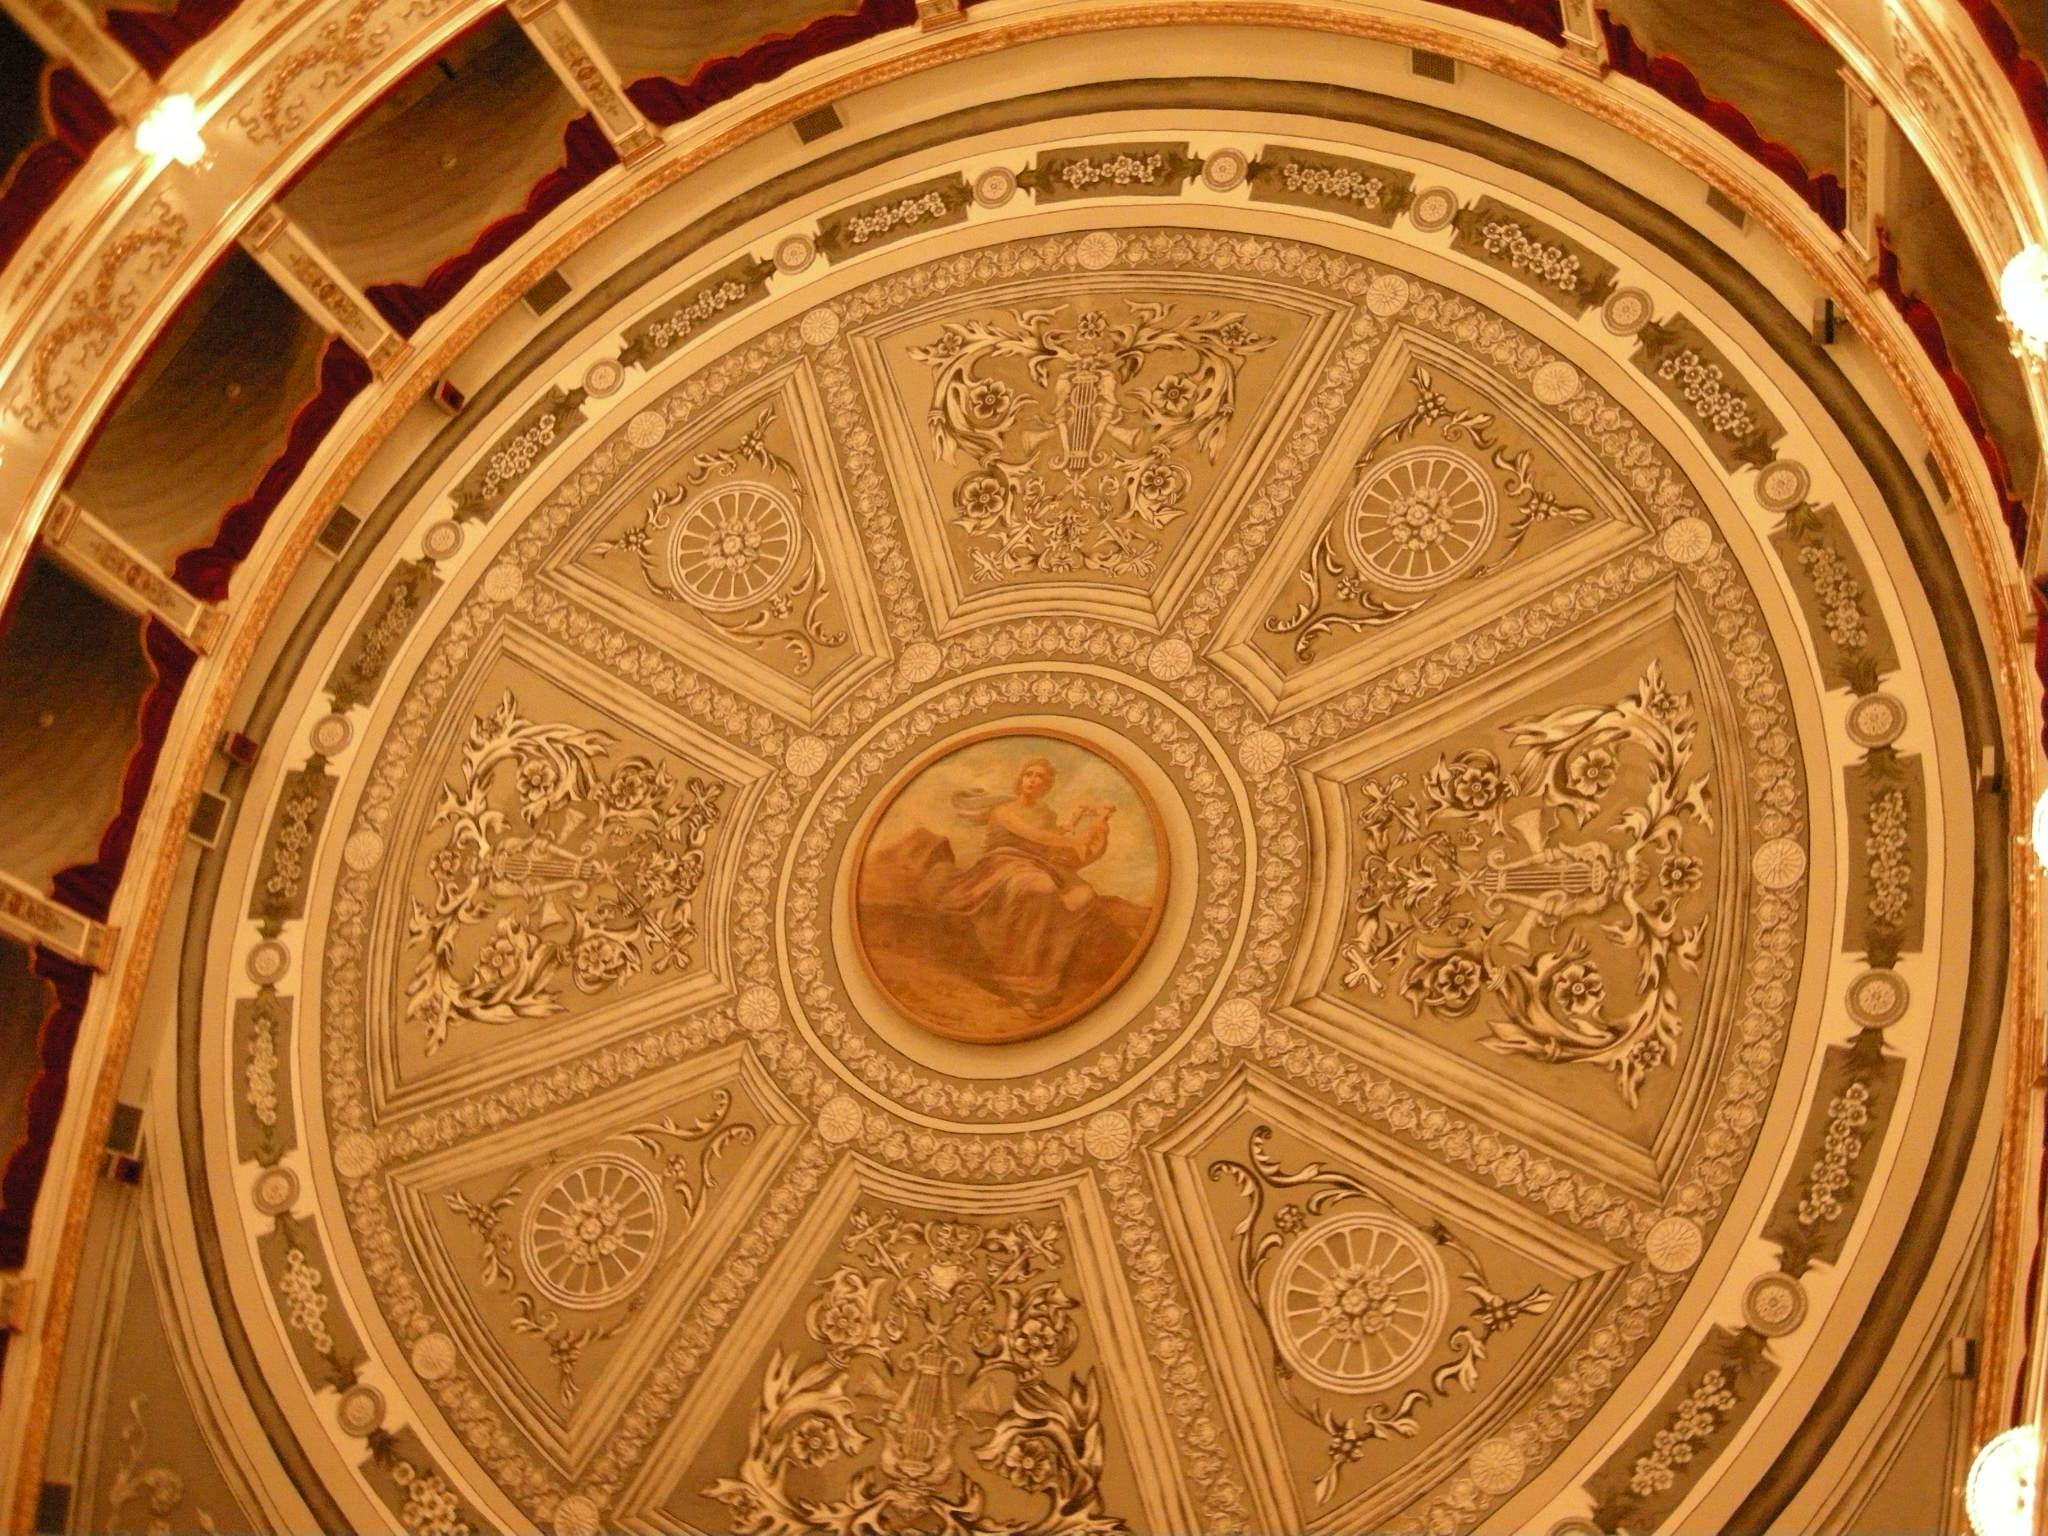 Decorazioni sul soffitto del teatro netino Vittorio Emanuele